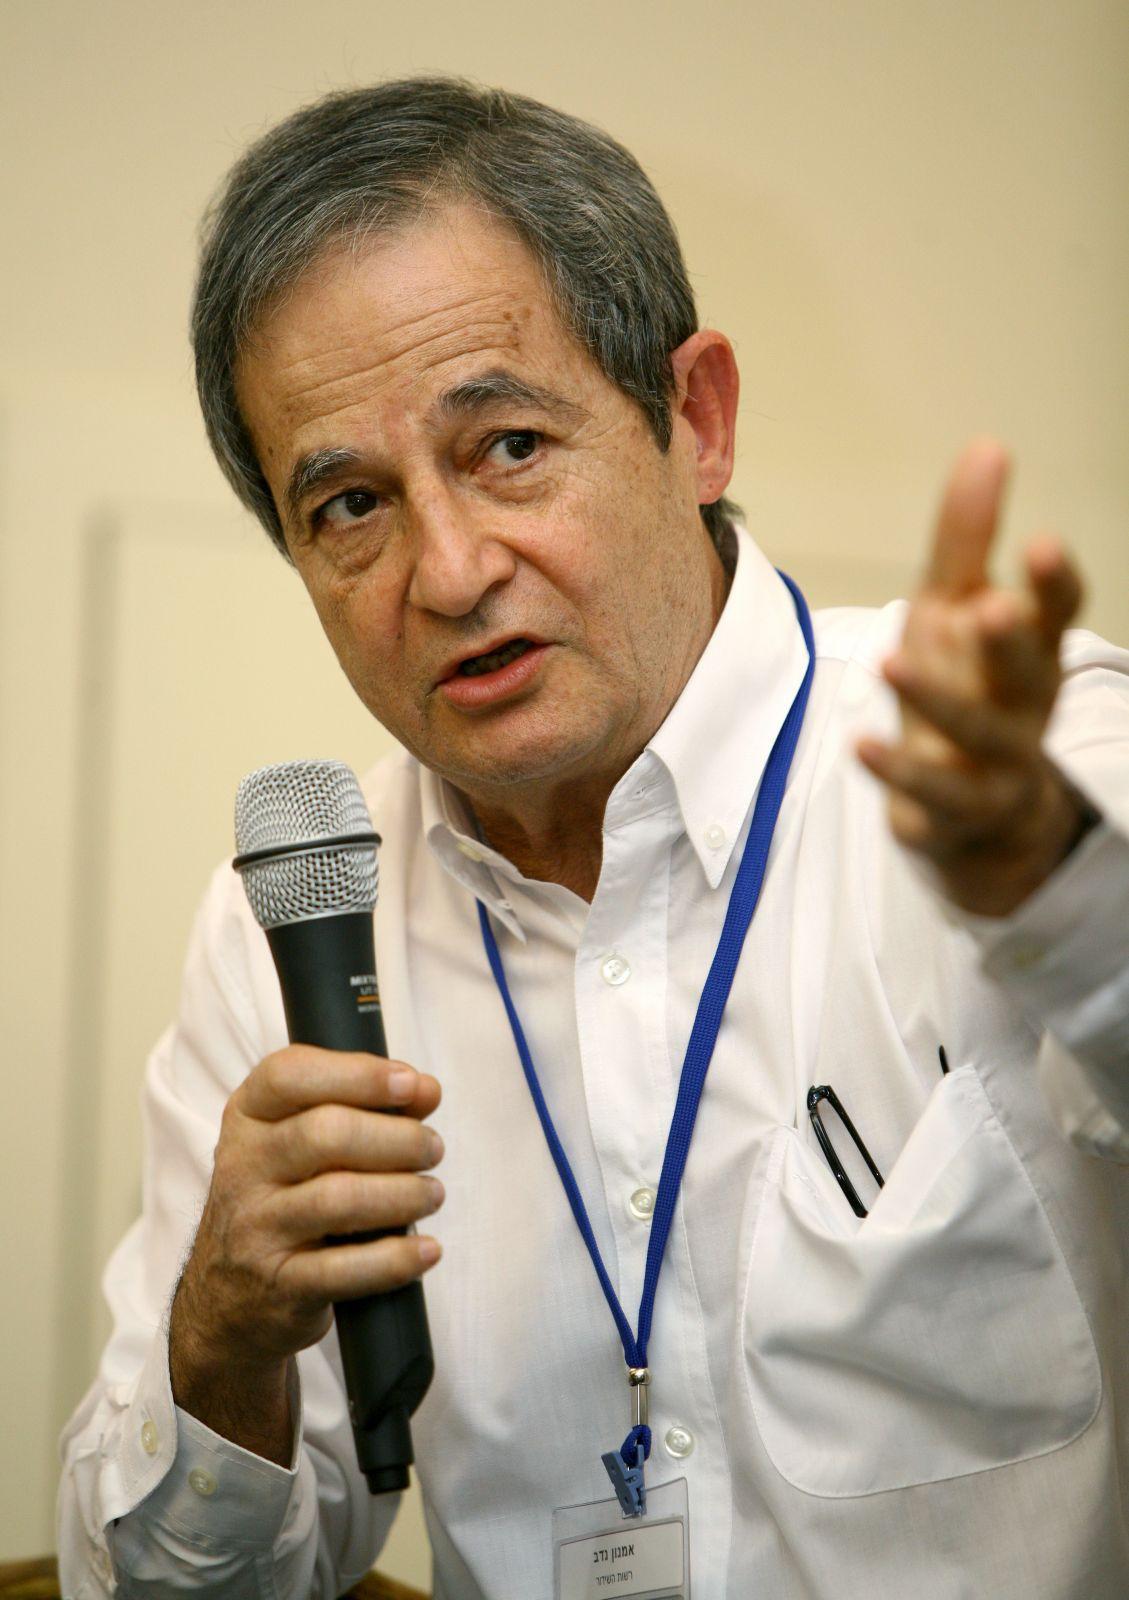 אמנון נדב, 2007 (צילום: משה שי)